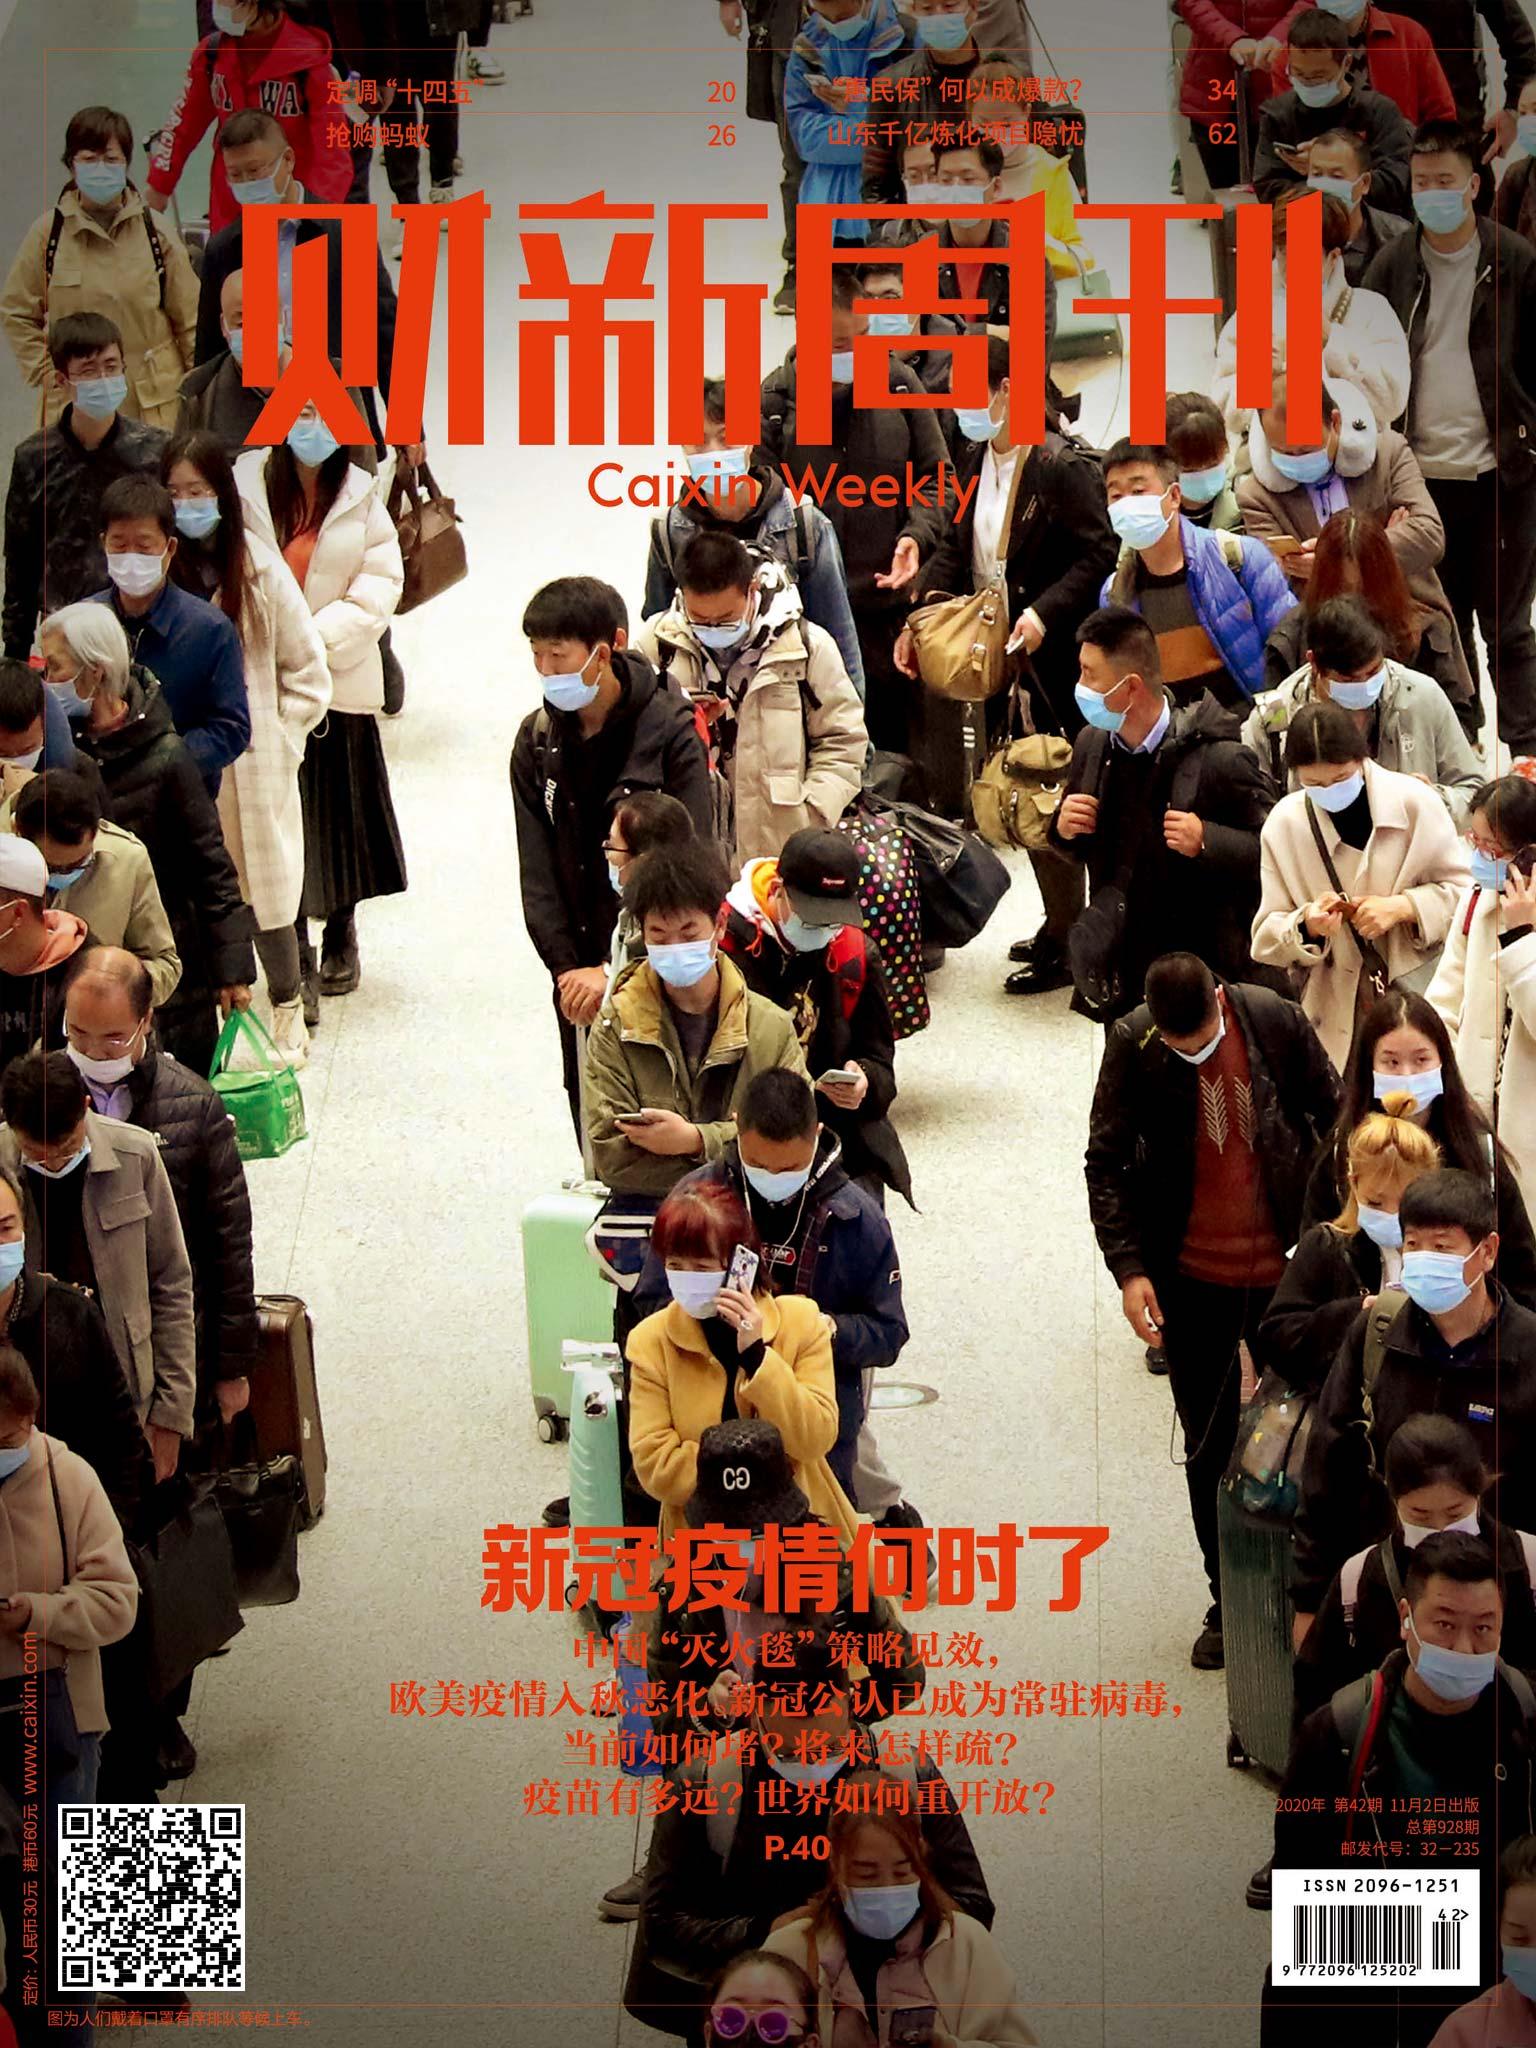 《财新周刊》总第928期